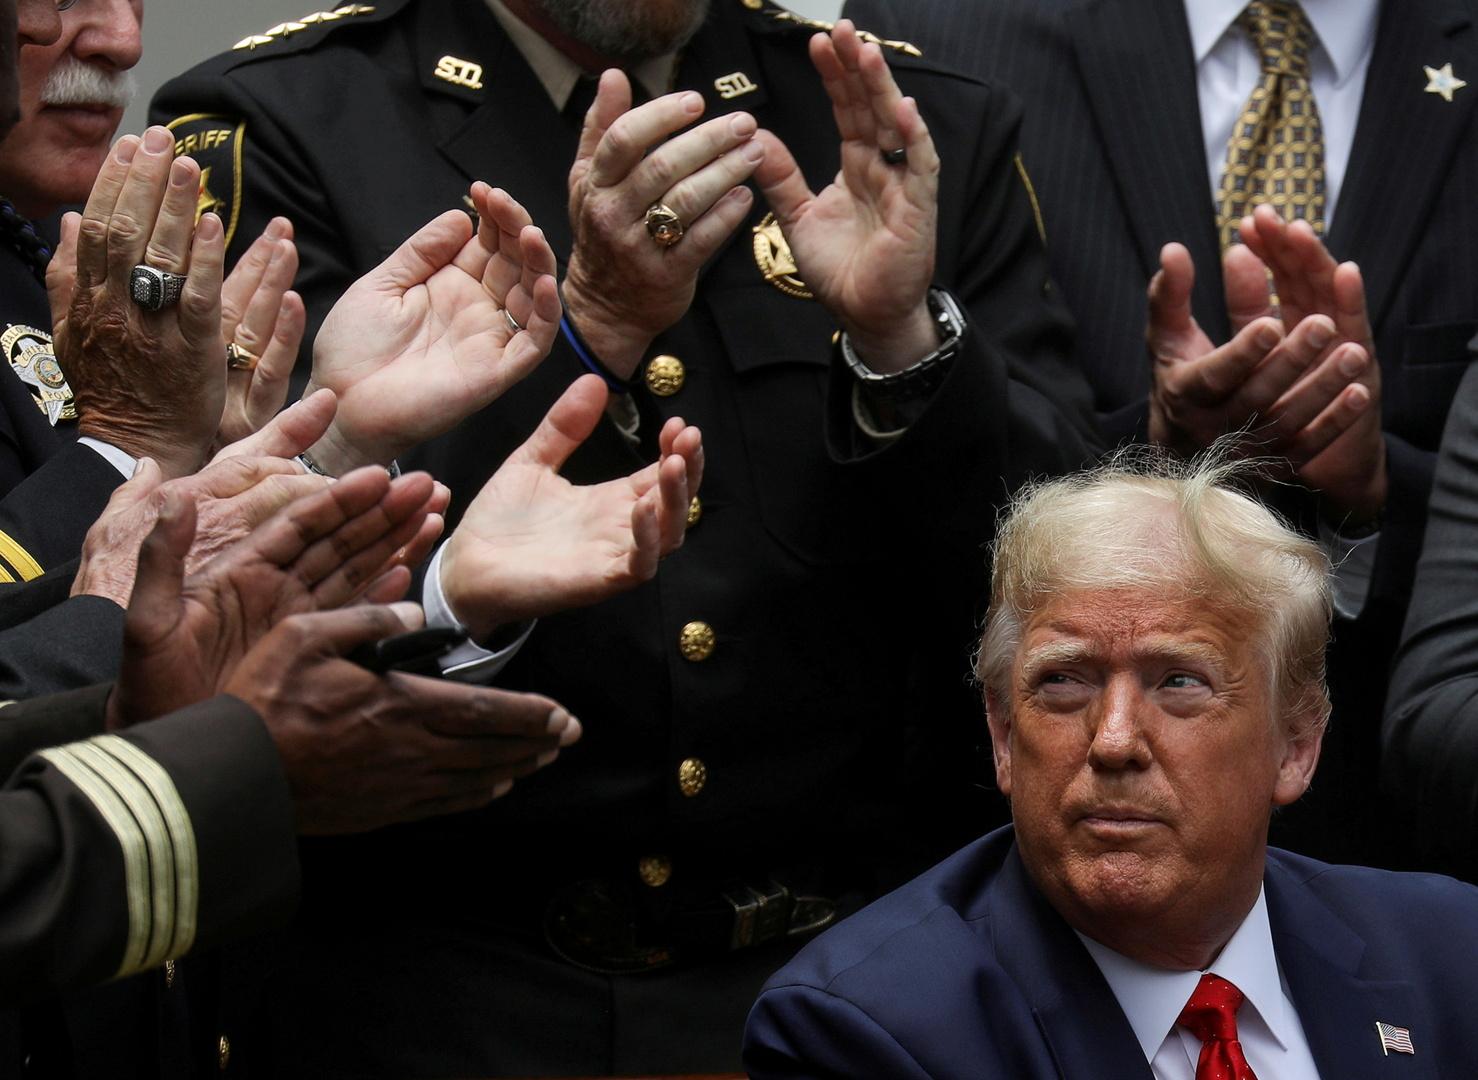 تقرير أمريكي يكشف أن ترامب كان بصدد مهاجمة إيران